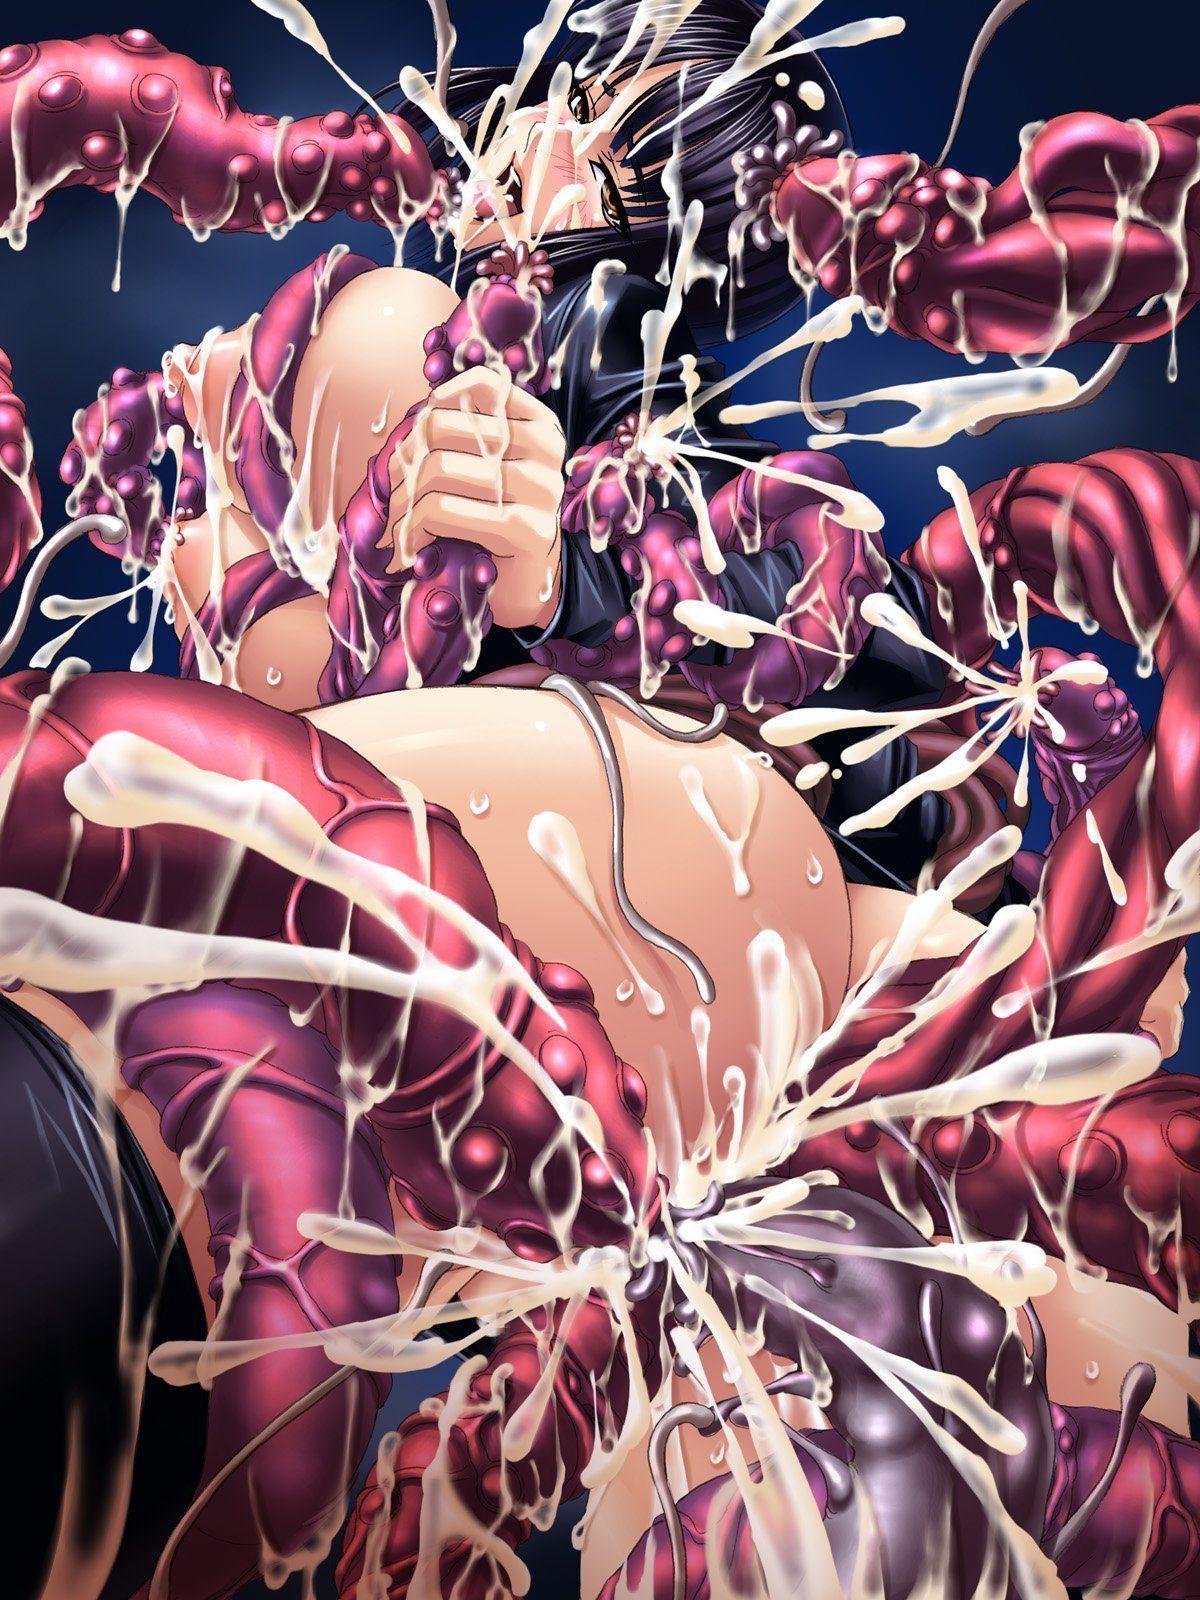 Hentaihome-Só-deus-dos-animes-Breach-Naruto-e-One-peace-28